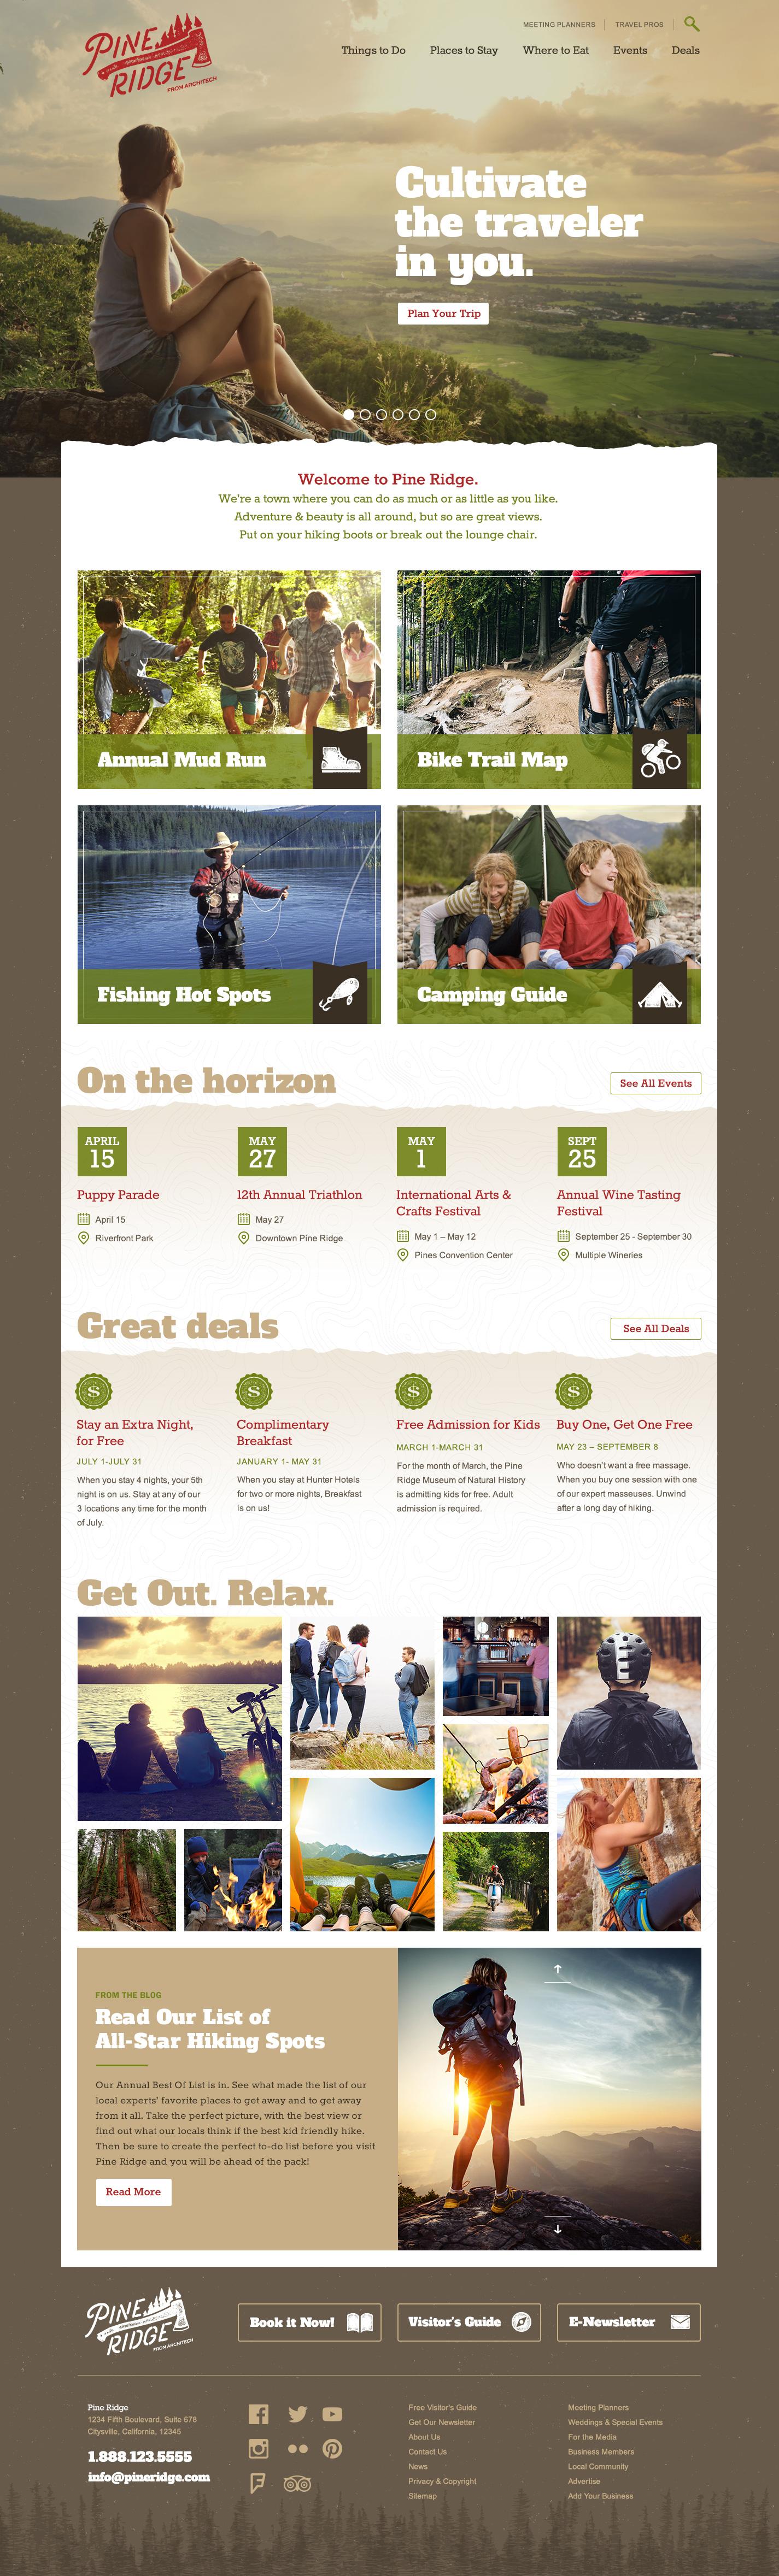 Pine Ridge Theme Homepage Desktop Preview